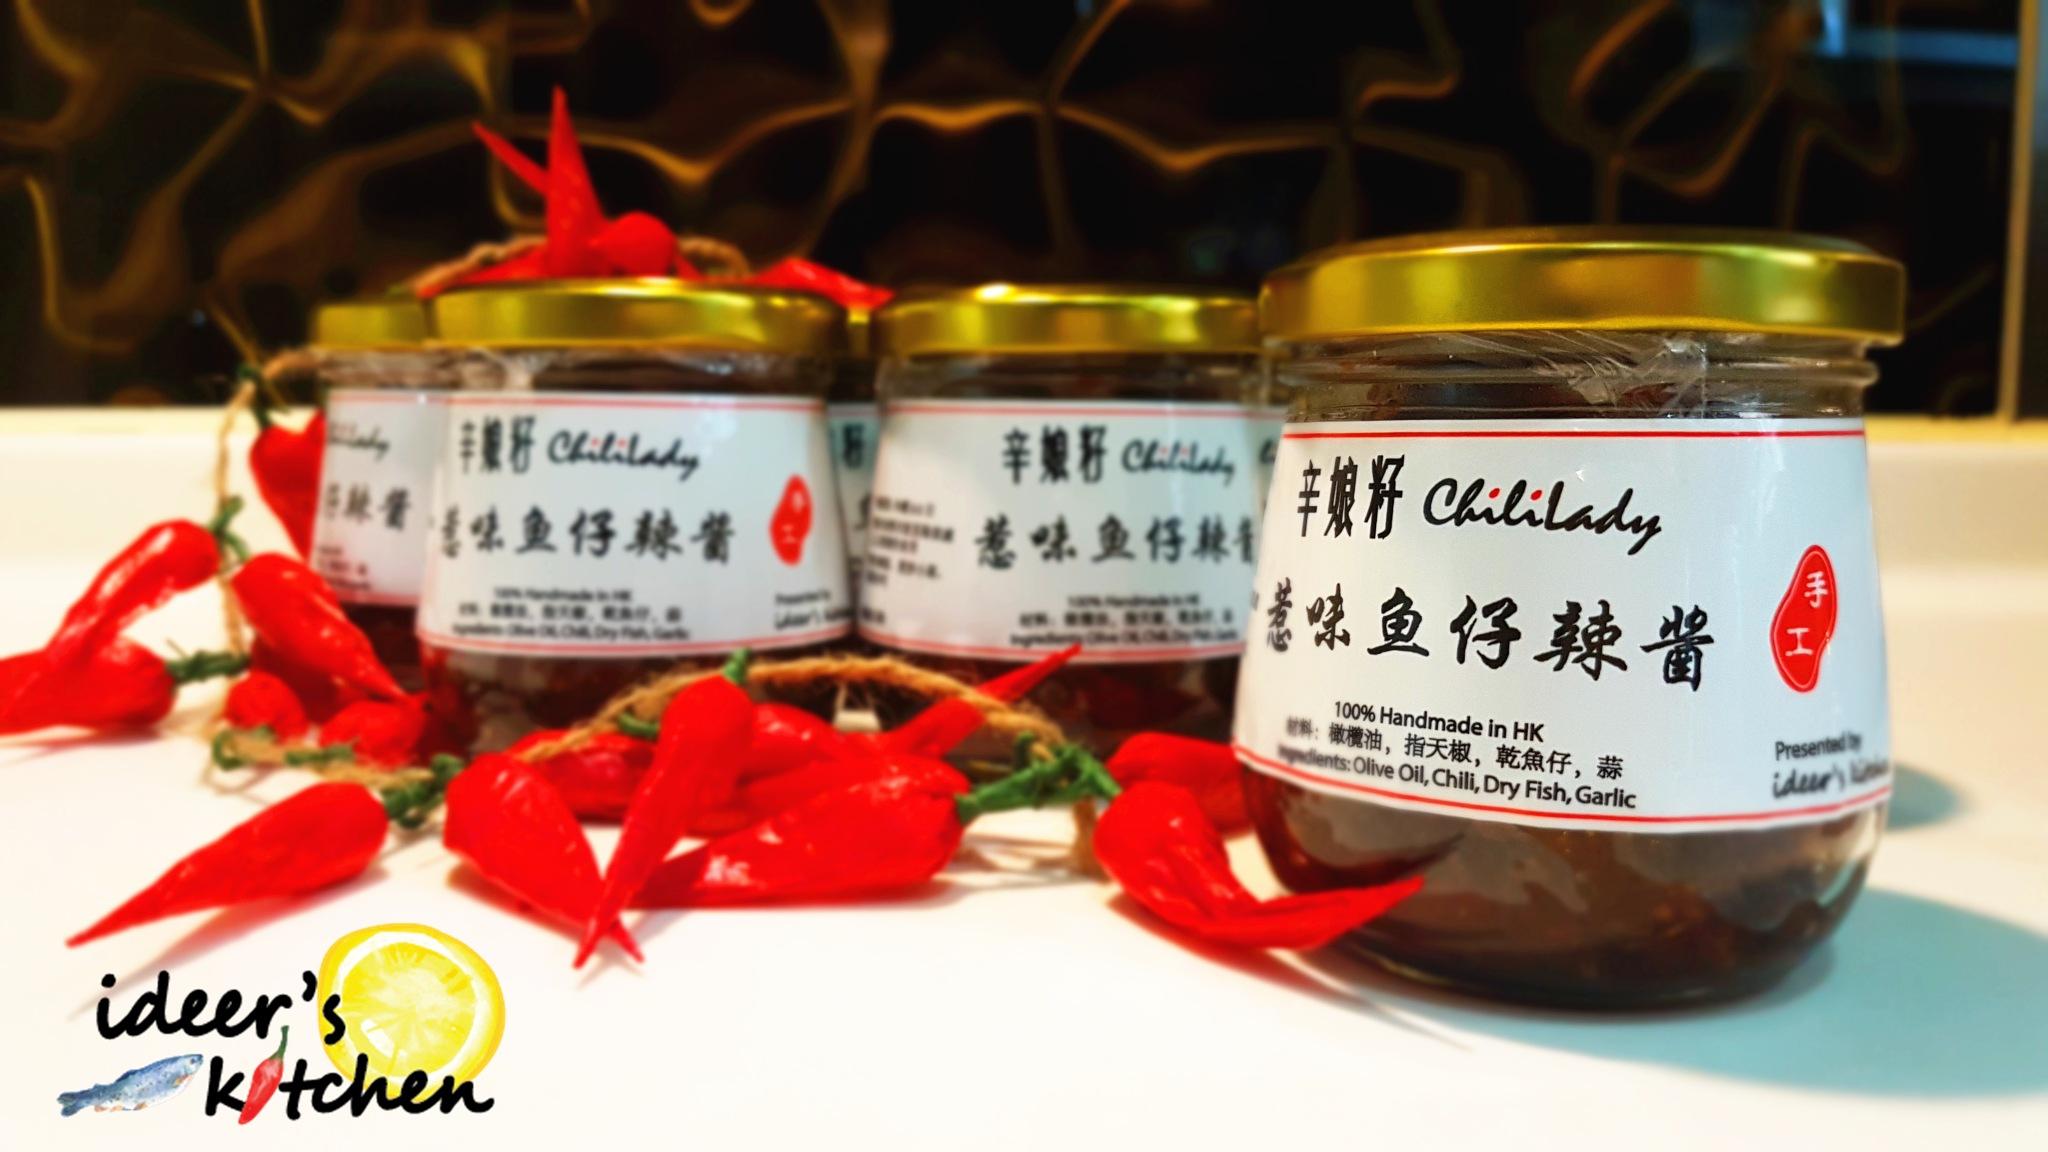 Homemade Chili Sauce by ideerskitchen